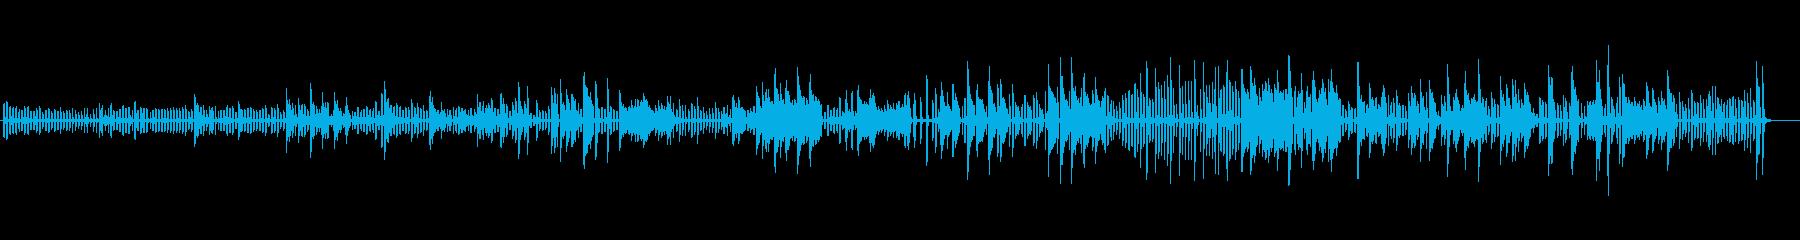 生ピアノソロ・軽快に駆け抜けるの再生済みの波形